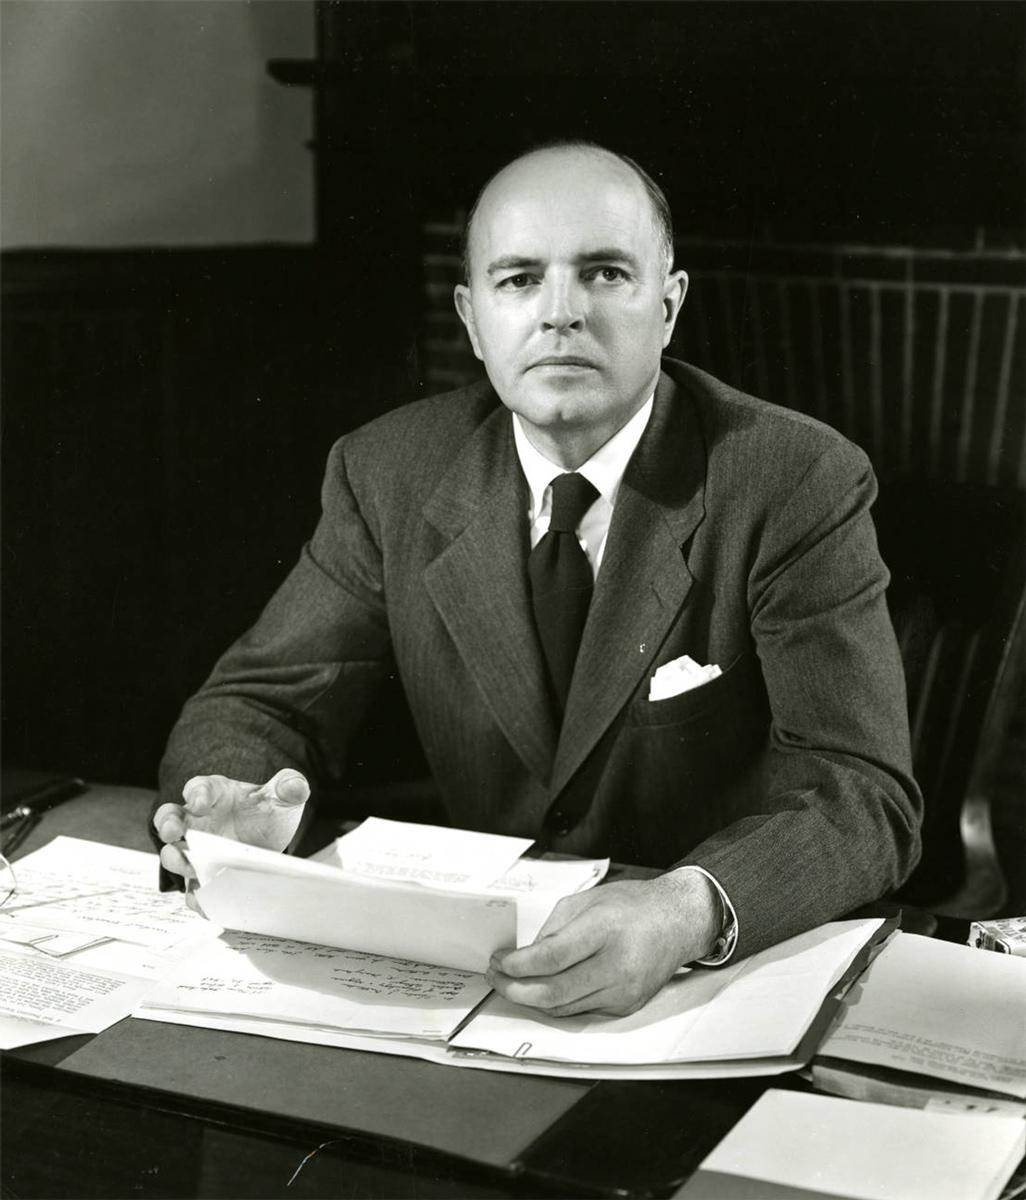 former Goucher President Otto Kraushaar